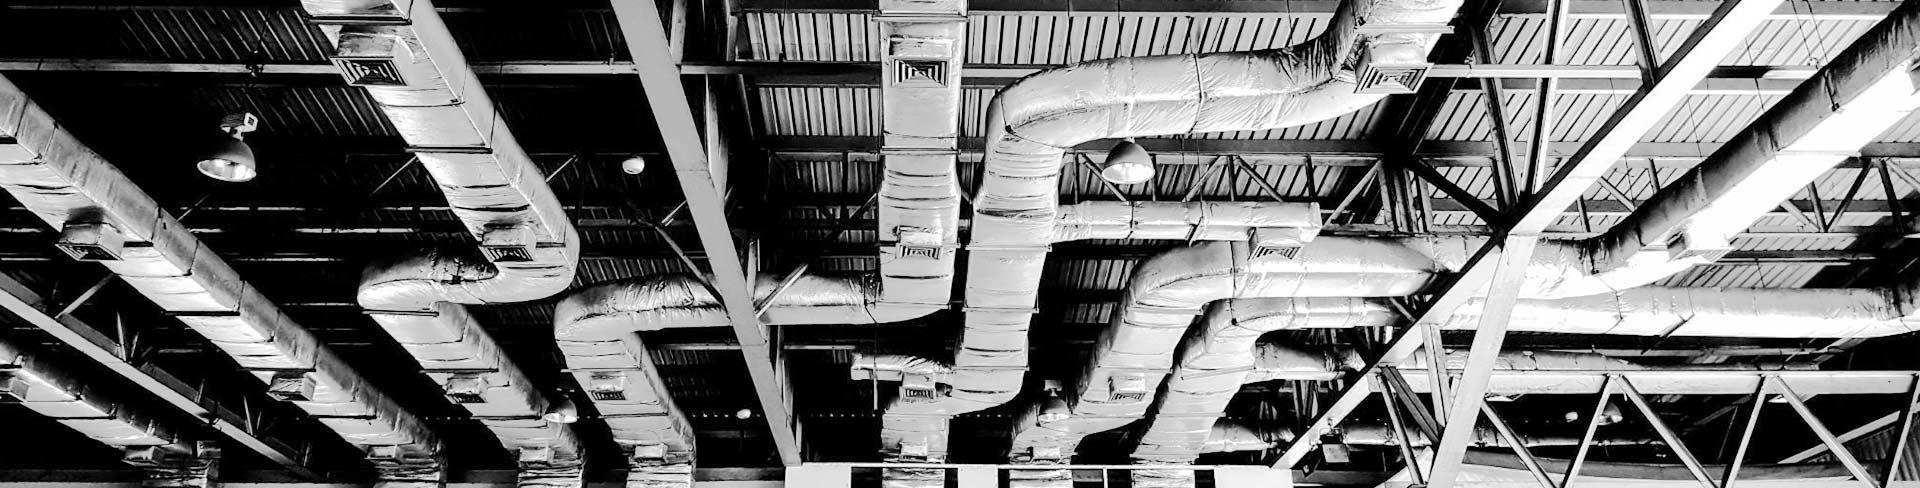 tressecostruzioni-settori-impianto-aria-header